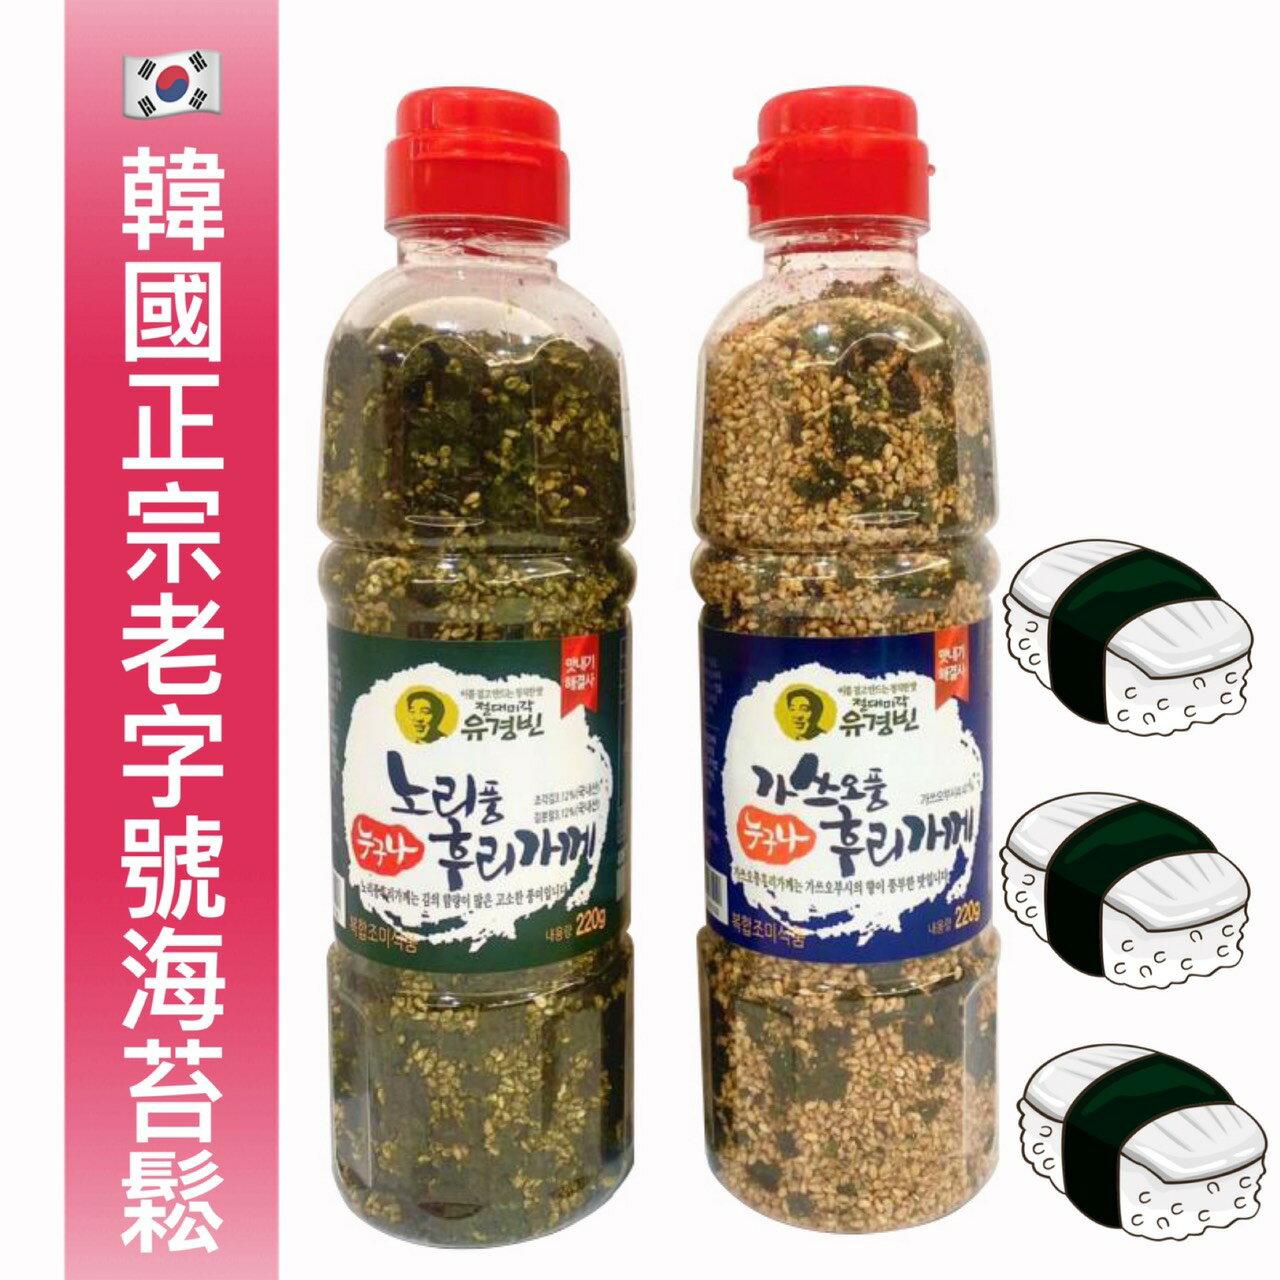 韓國正宗老牌 海苔芝麻鬆220g  海鮮海苔鬆 密封瓶 海苔 海苔鬆 芝麻鬆 鹹香 韓國海苔 配飯好吃 海苔配飯韓國道地